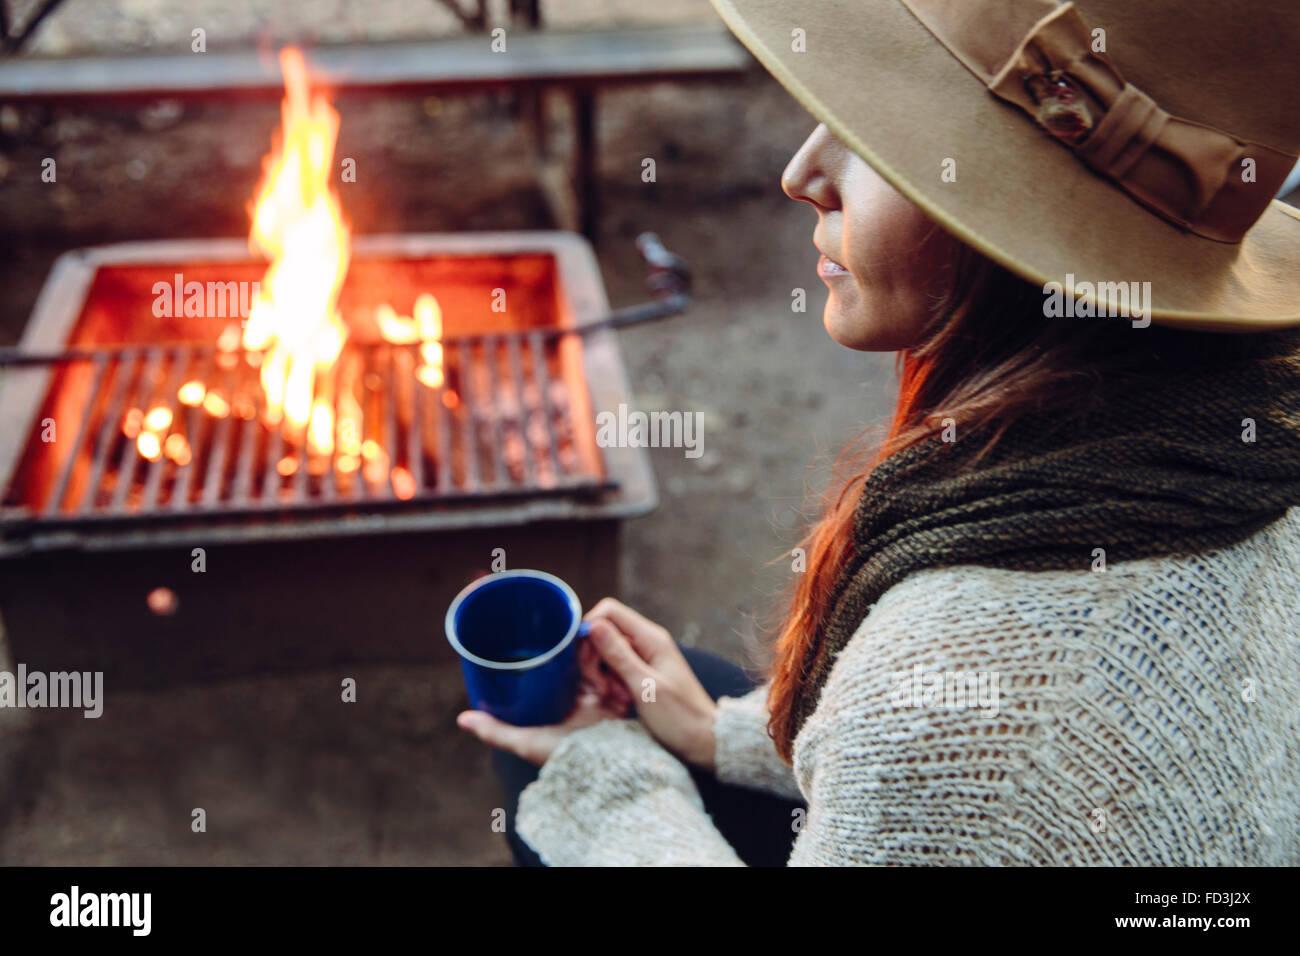 La mujer goza de una fogata momento con taza Imagen De Stock